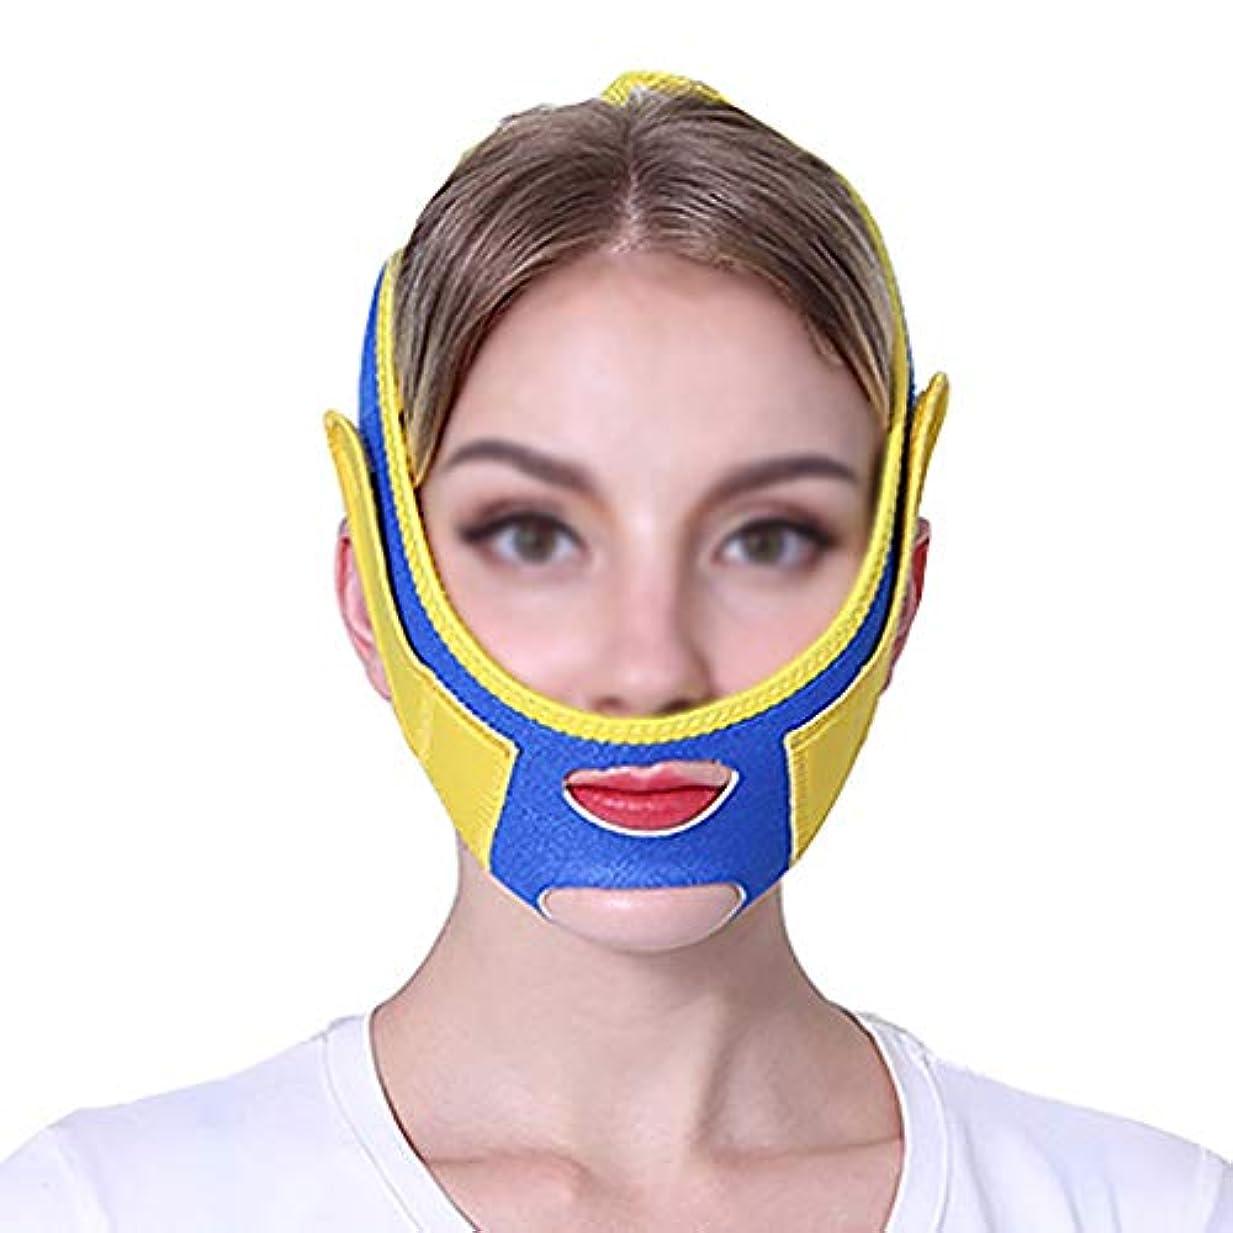 無効一過性入り口TLMY ファーミングマスクスモールvフェイスアーティファクトリフティングマスクフェイスリフティングフェイスリフティングマスクファーミングクリームフェイシャルリフティング包帯 顔用整形マスク